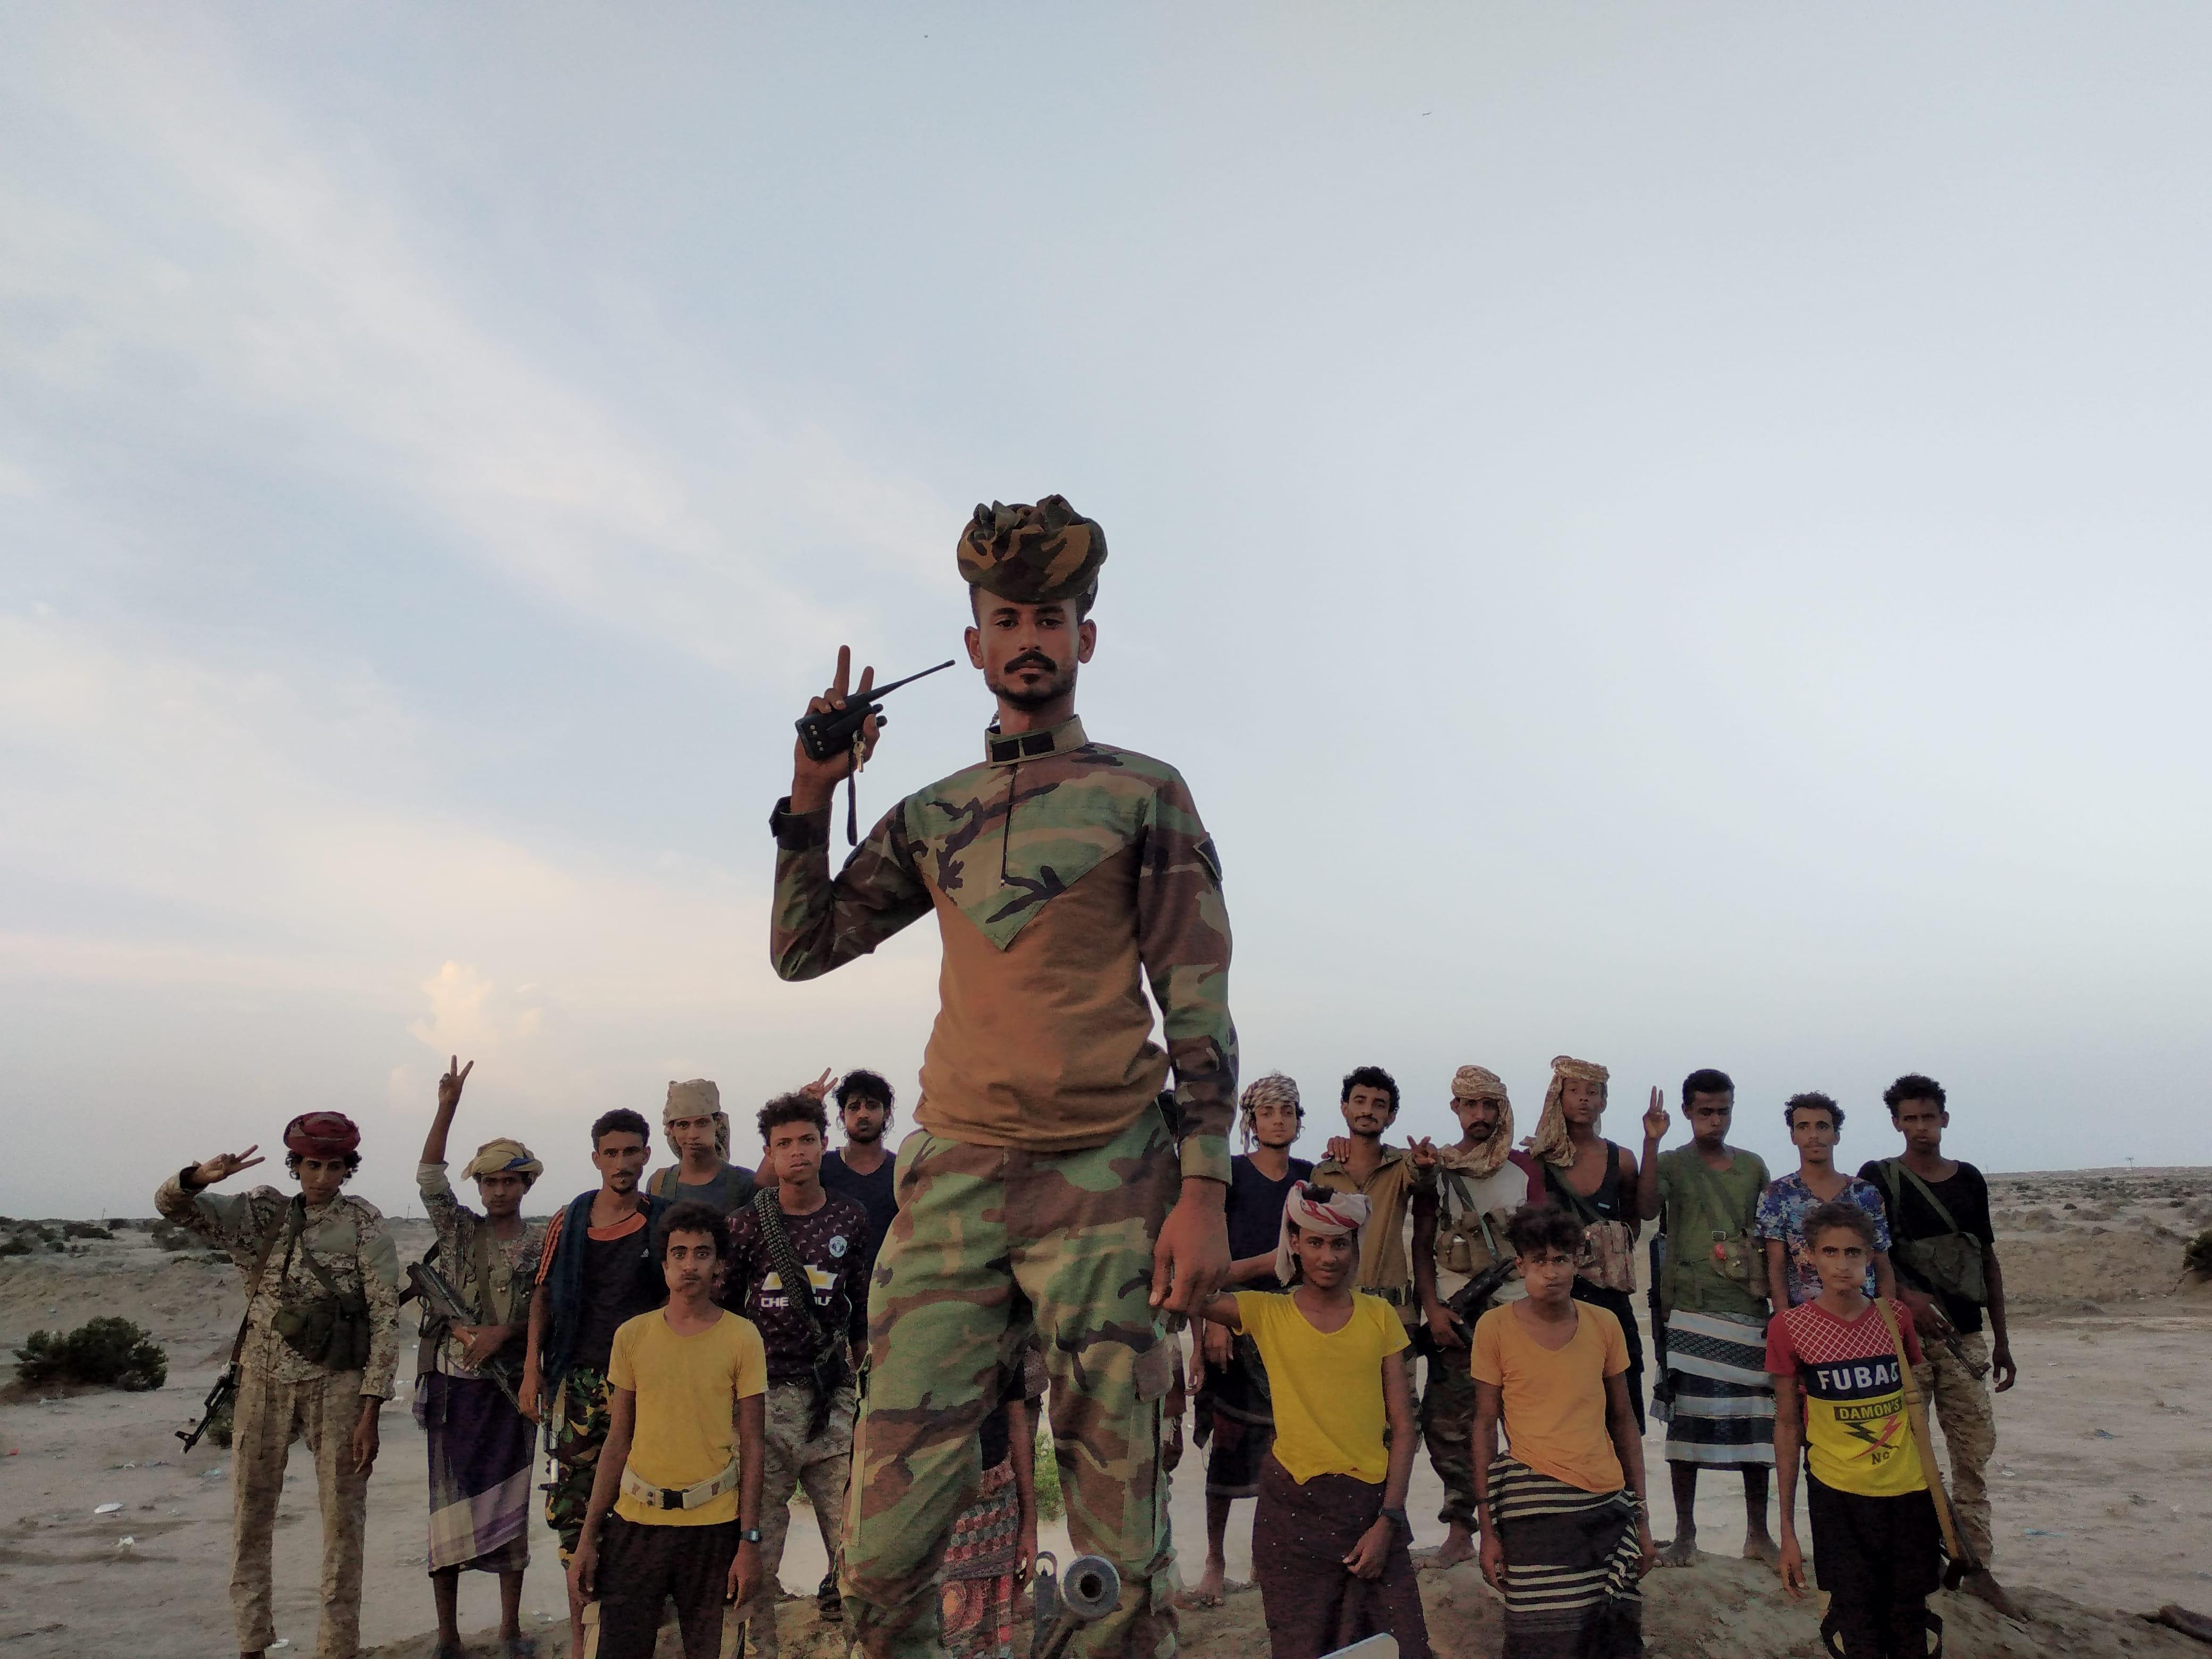 جنود الصاعقة وحزام الحواشب وطقوس العيد في جبهات العزة والكرامة بمحور أبين